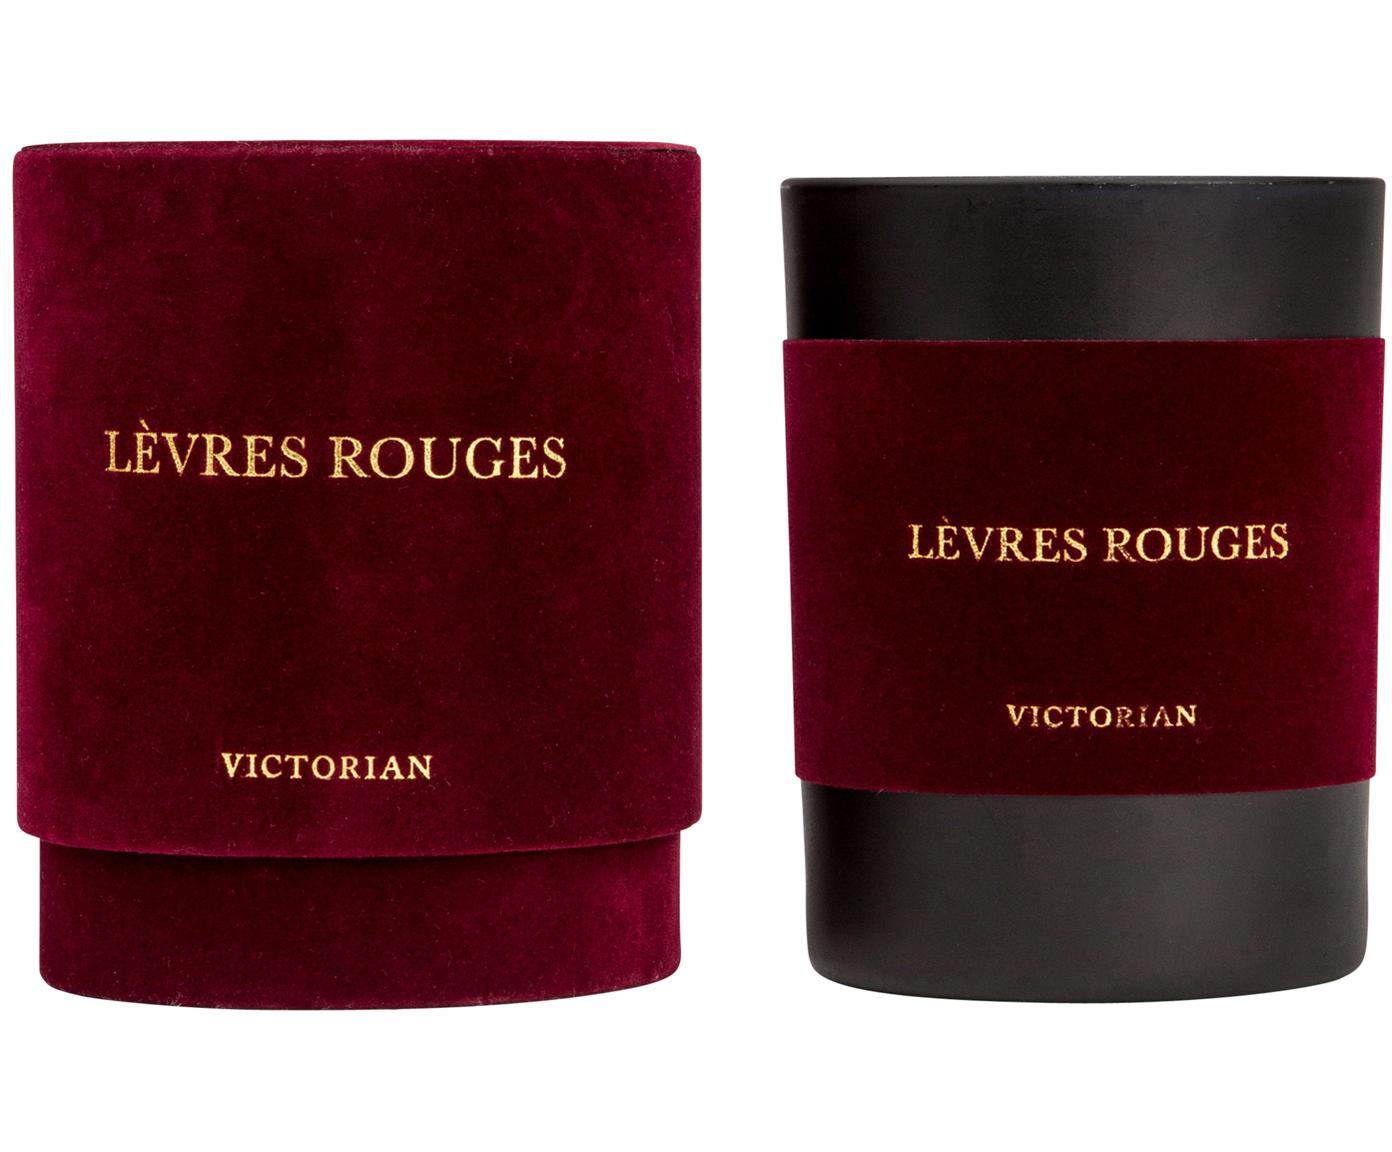 Geurkaars Levres Rouges (muskus & vanille), Houder: glas, Zwart, rood, Ø 8 x H 10 cm